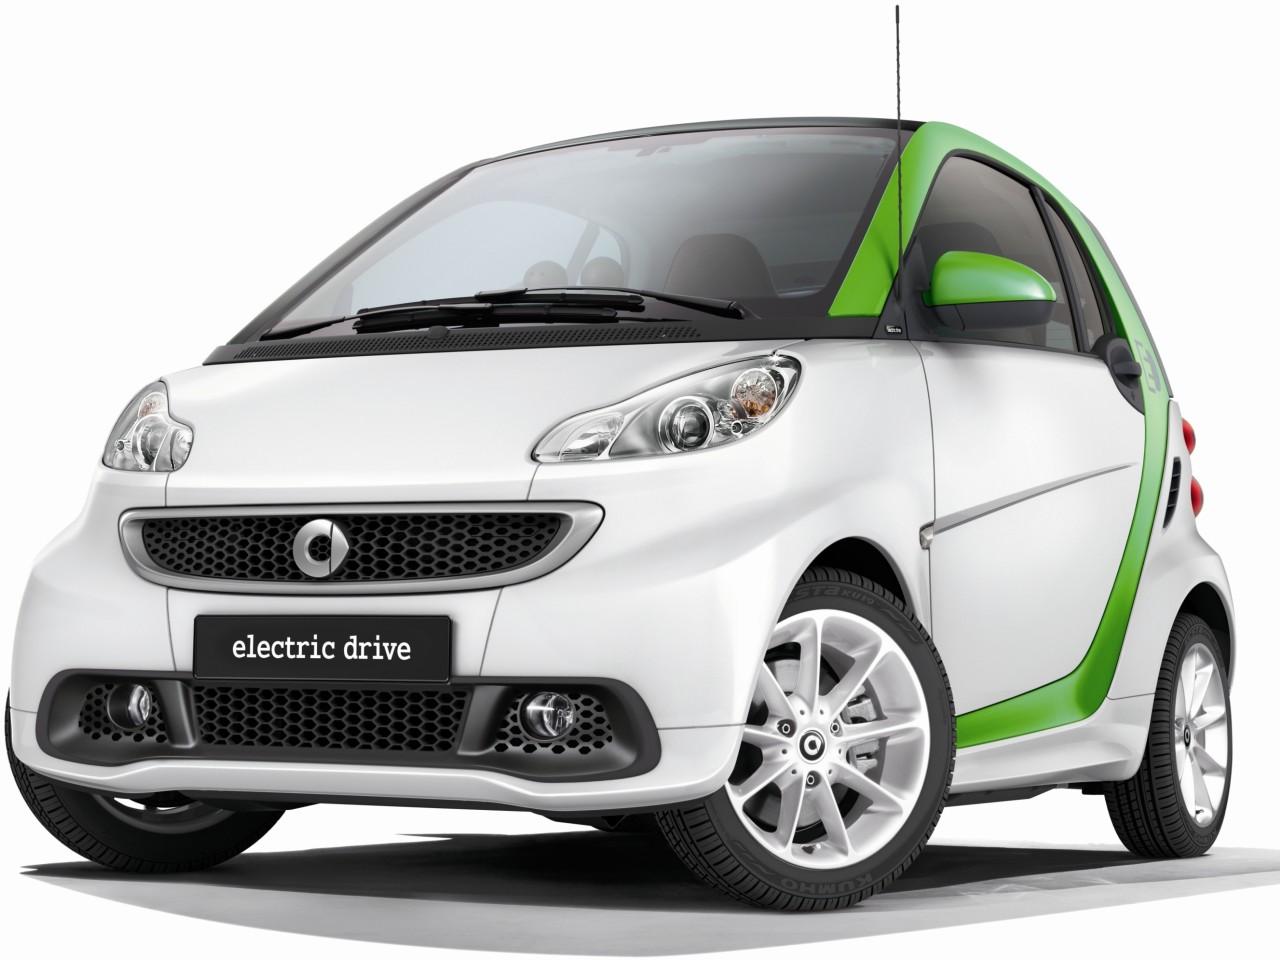 スマート フォーツー エレクトリックドライブ 2012年モデル 新車画像